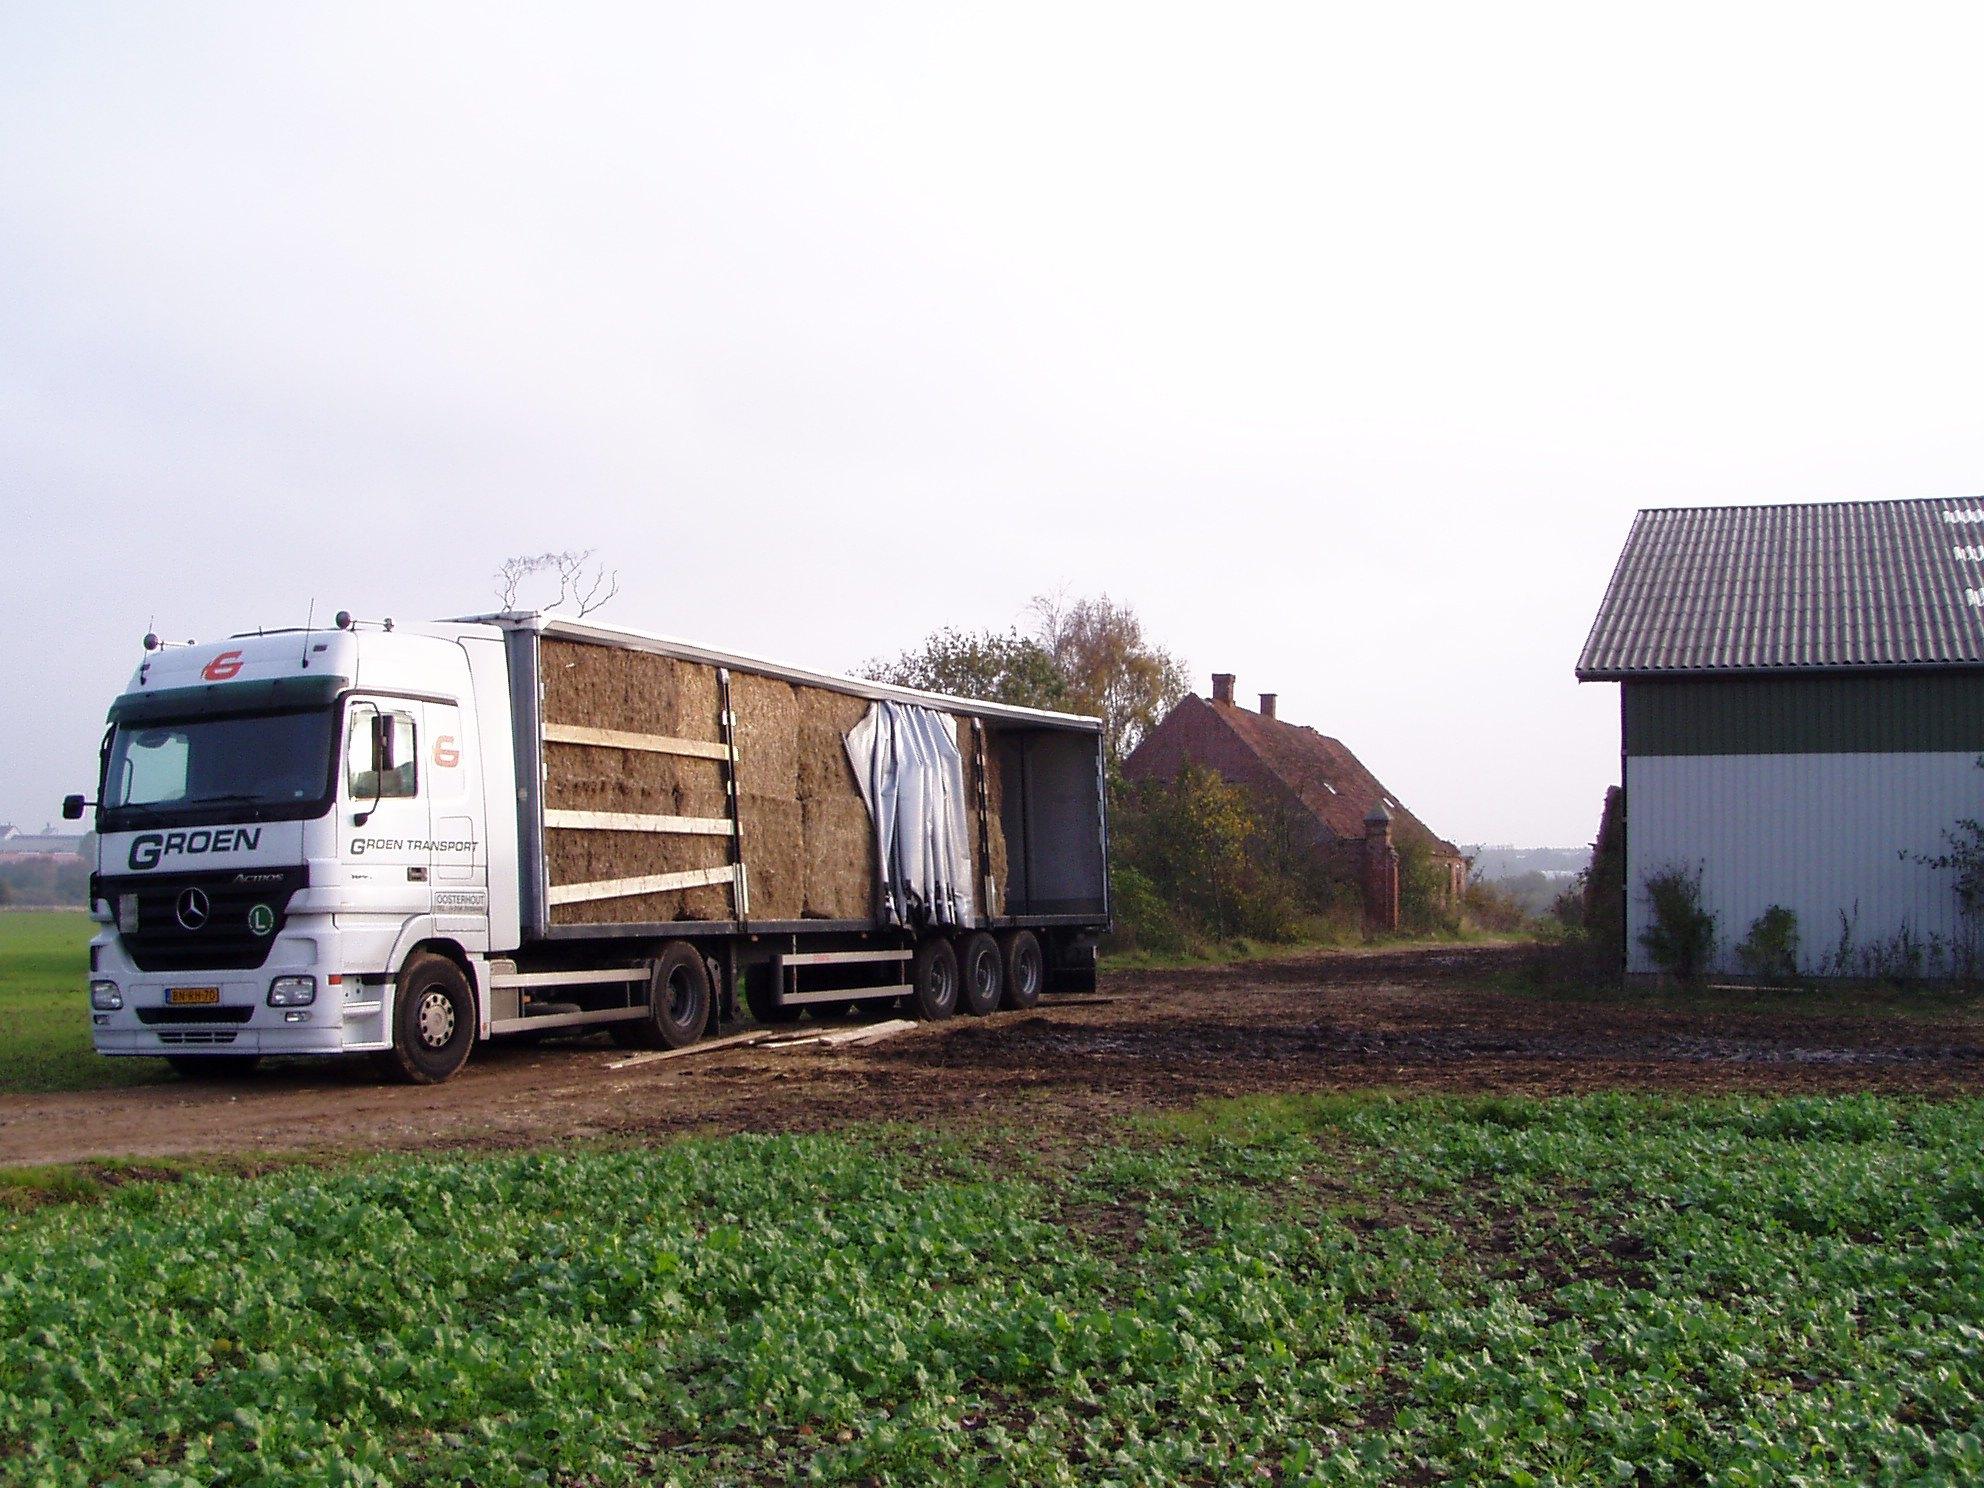 Groen-transport-heeft-de-wagen-verhuurd-aan-Lucas-in-Raamdonksveer-met-chauffeur-Ger-van-Vlimmeren--2007--(4)